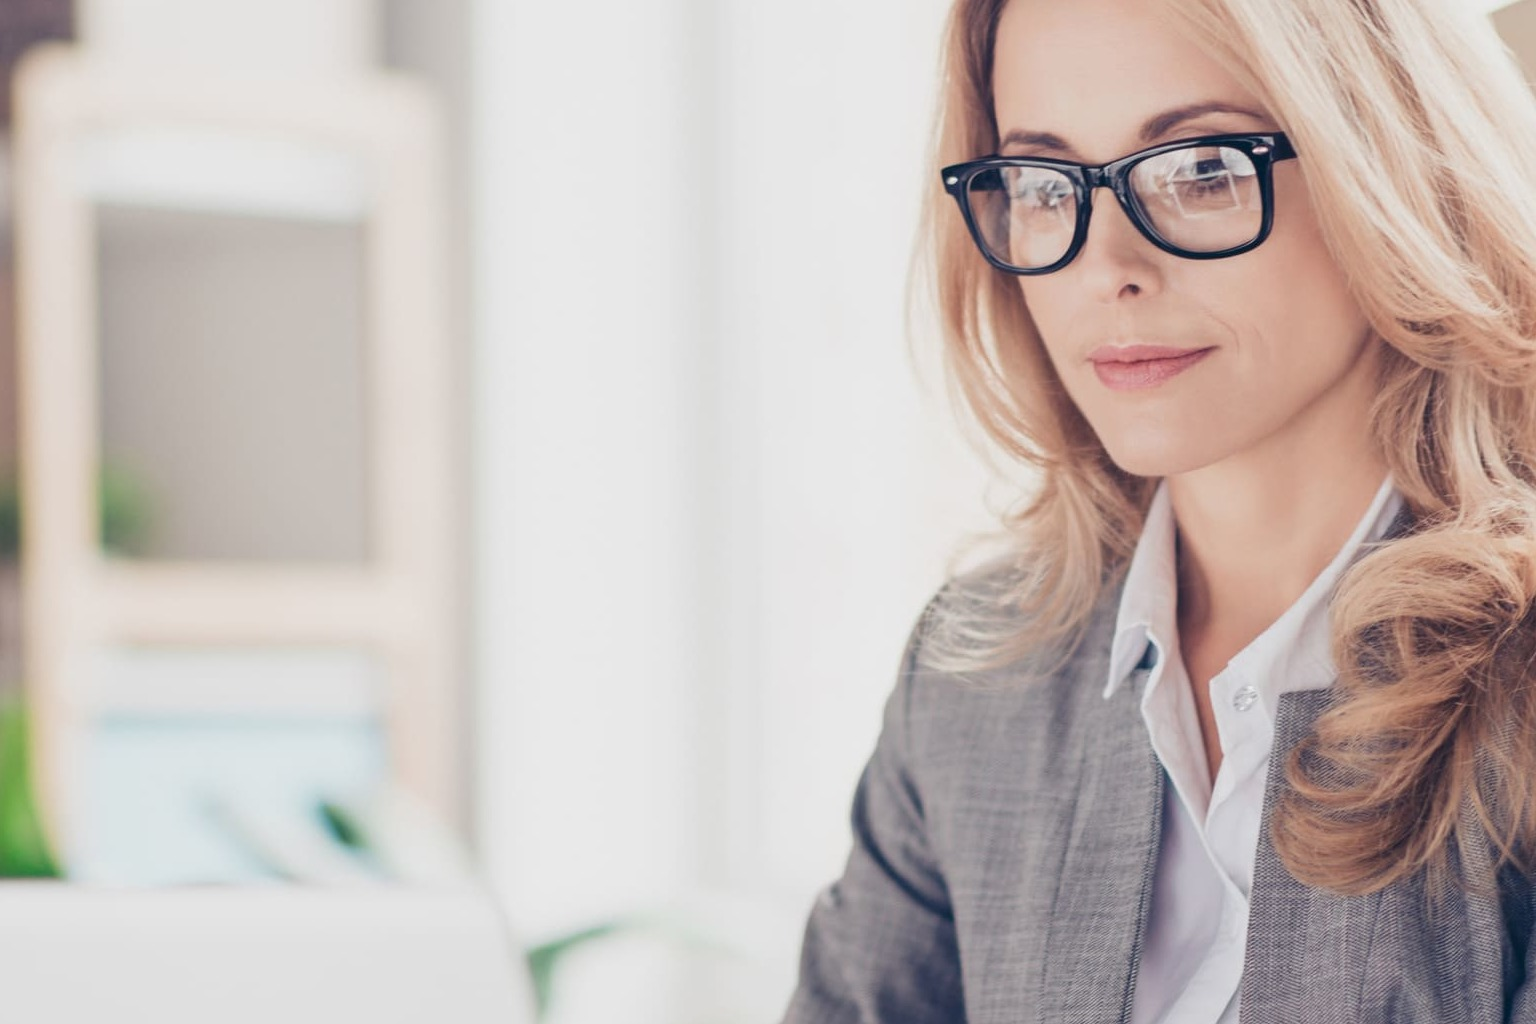 vrouw met laptop en bril